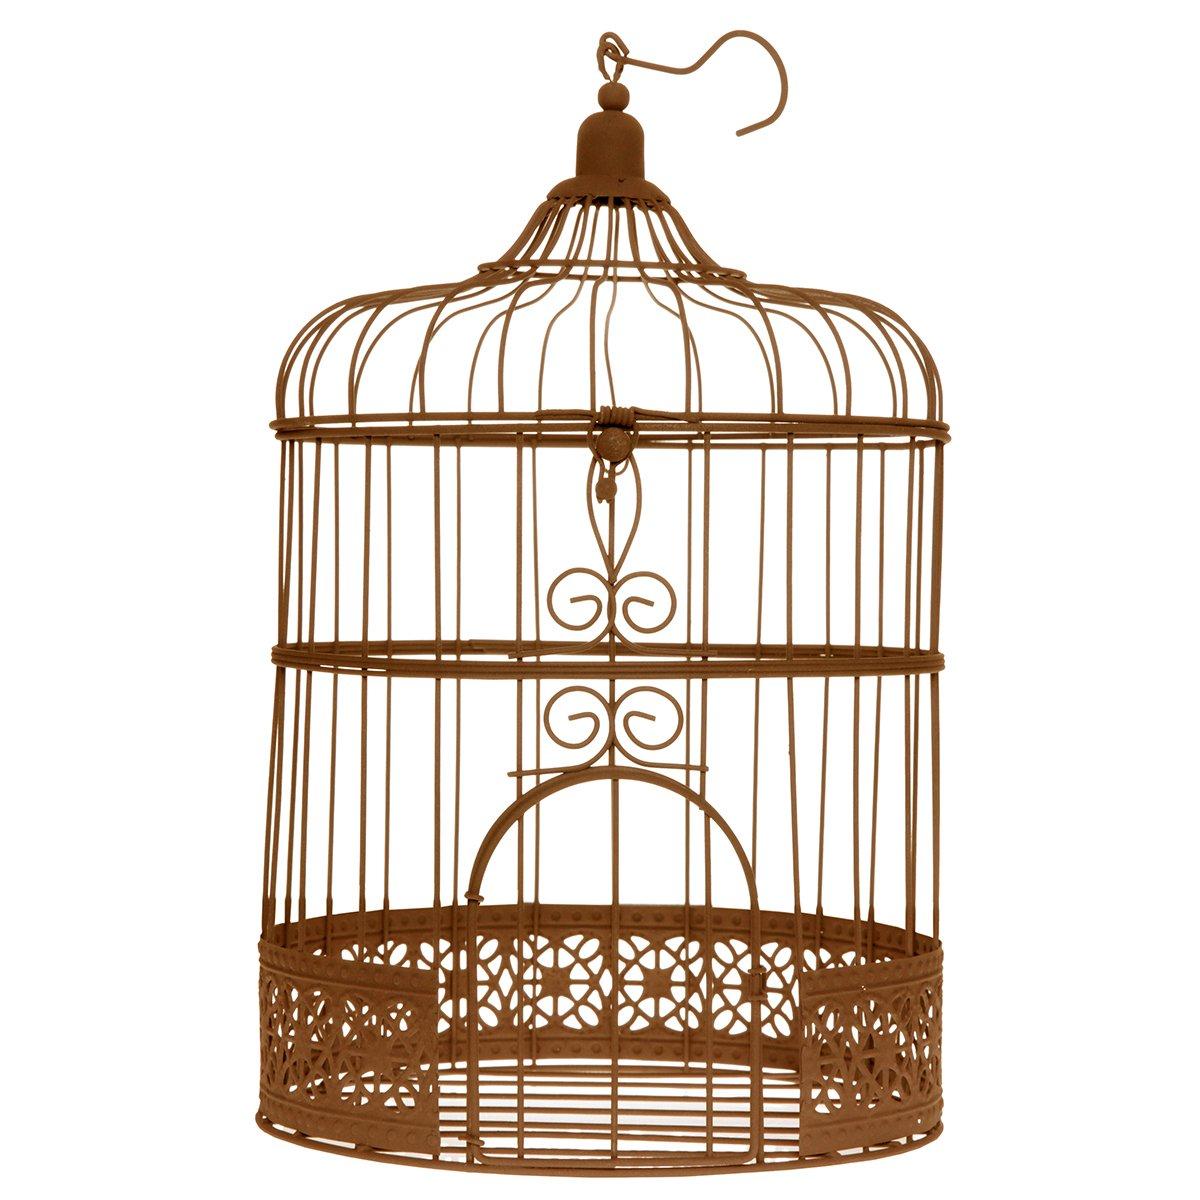 Deko Vogelkäfig 'Rustic' van harte